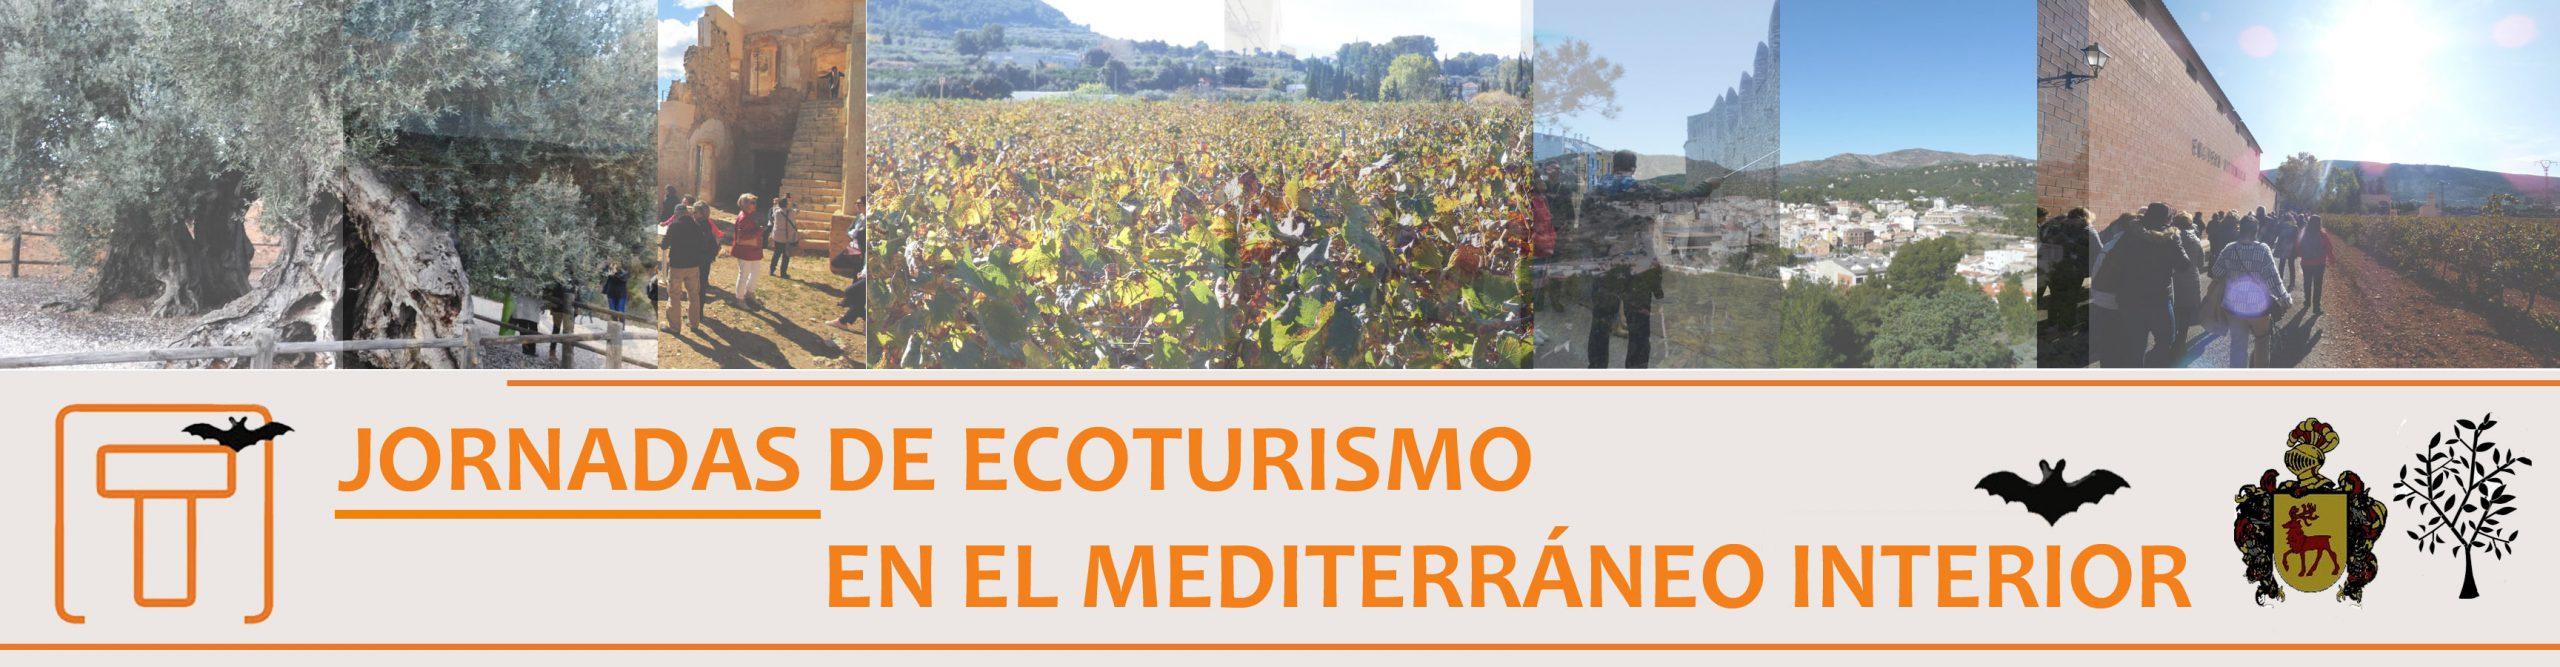 excursiones mediterraneo interior grupos